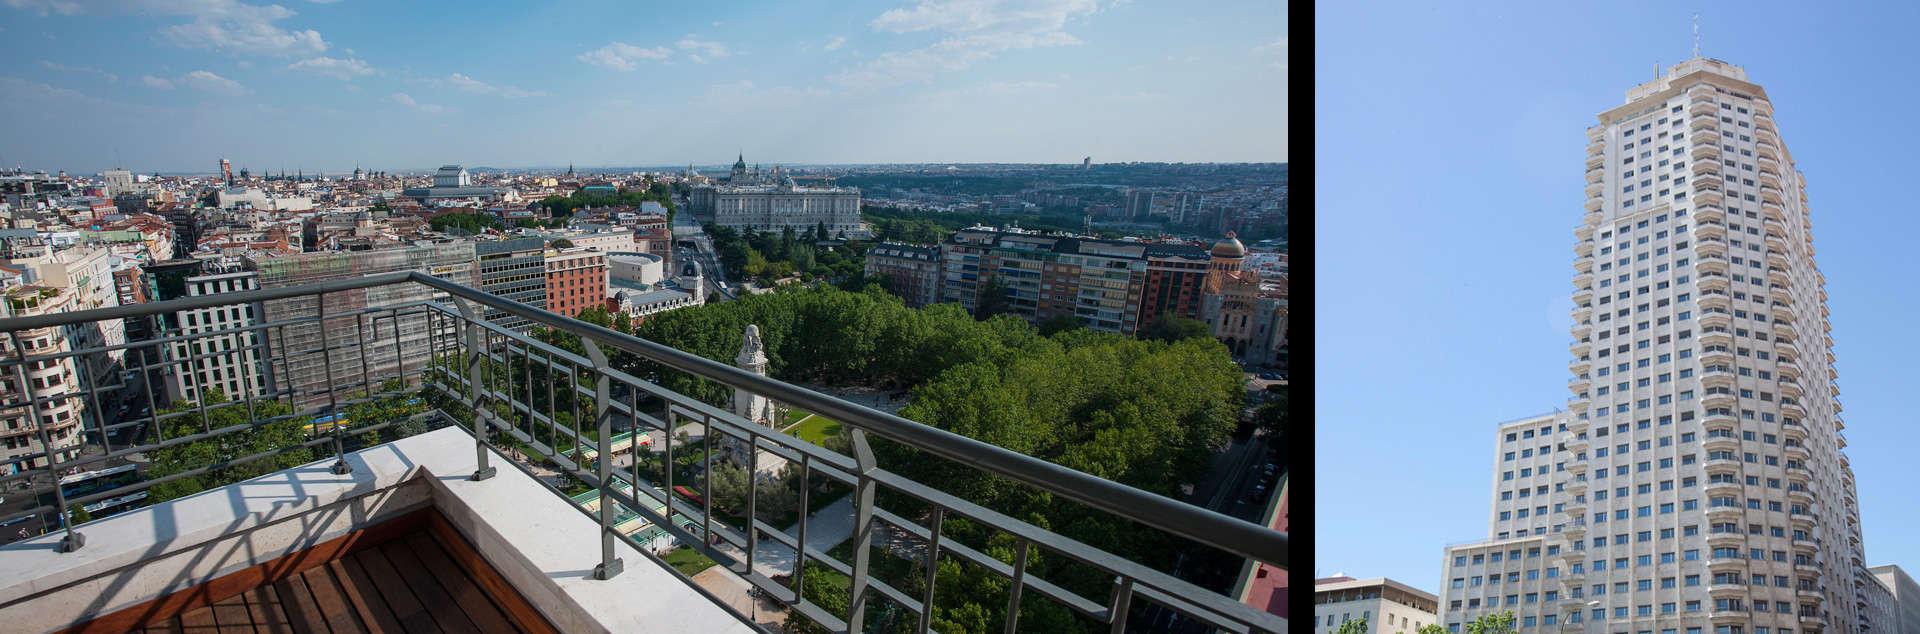 Inmobiliarias y pisos de lujo trato con el cliente for Pisos de lujo en madrid